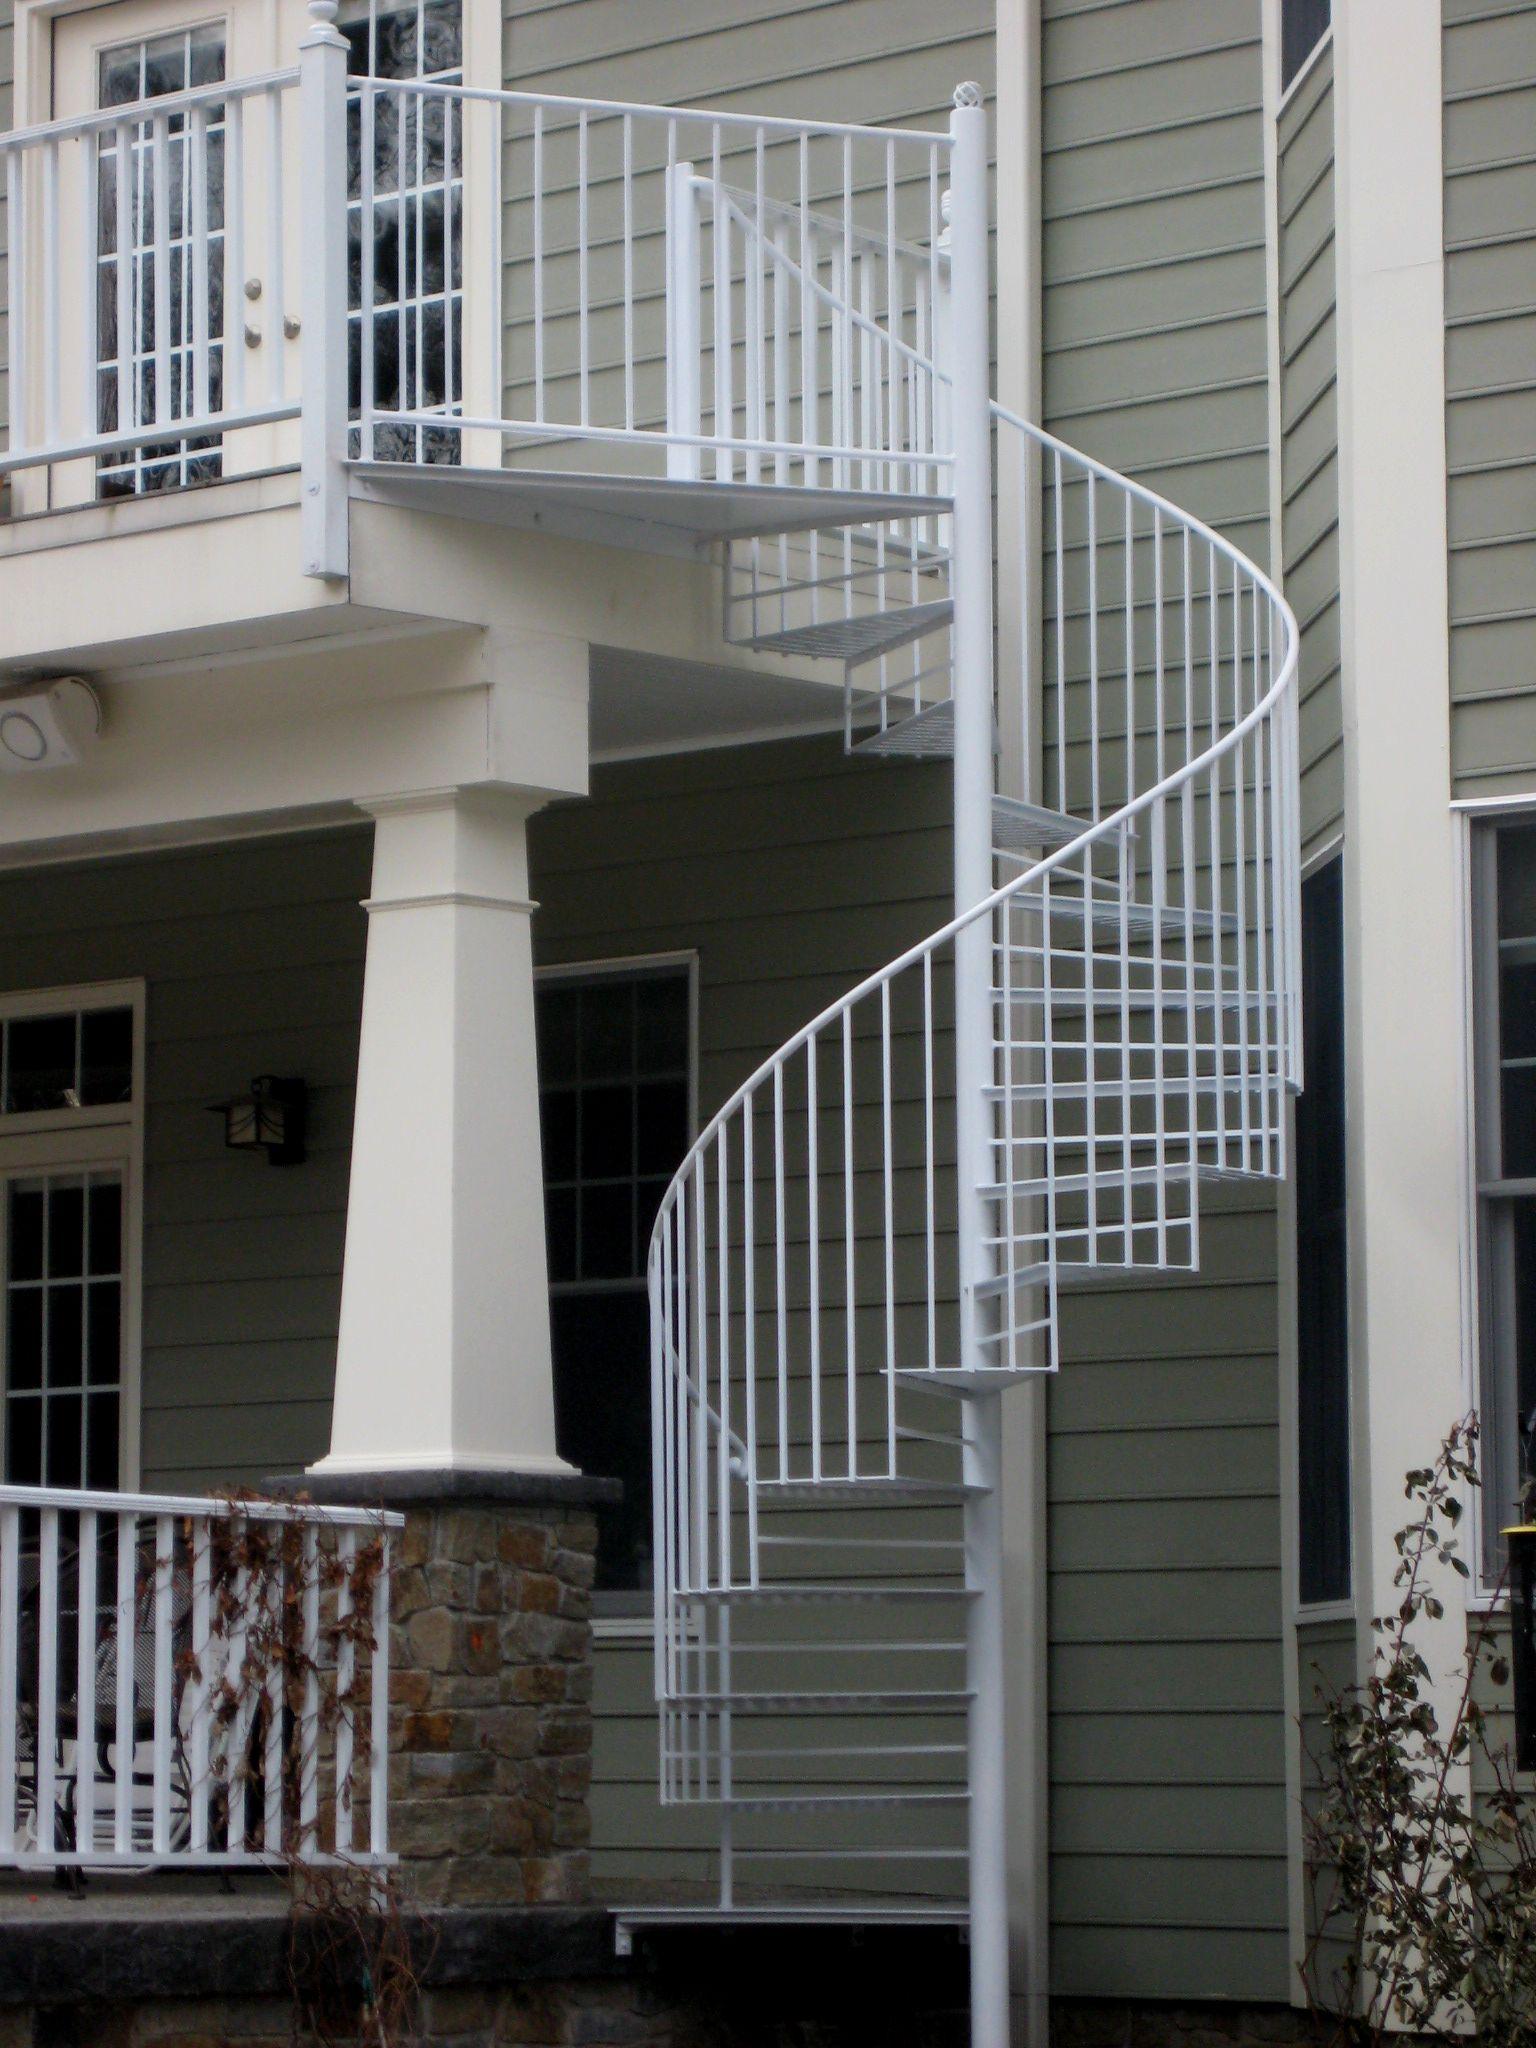 White Spiral Staircase Deck To Deck In Glen Allen Virginia